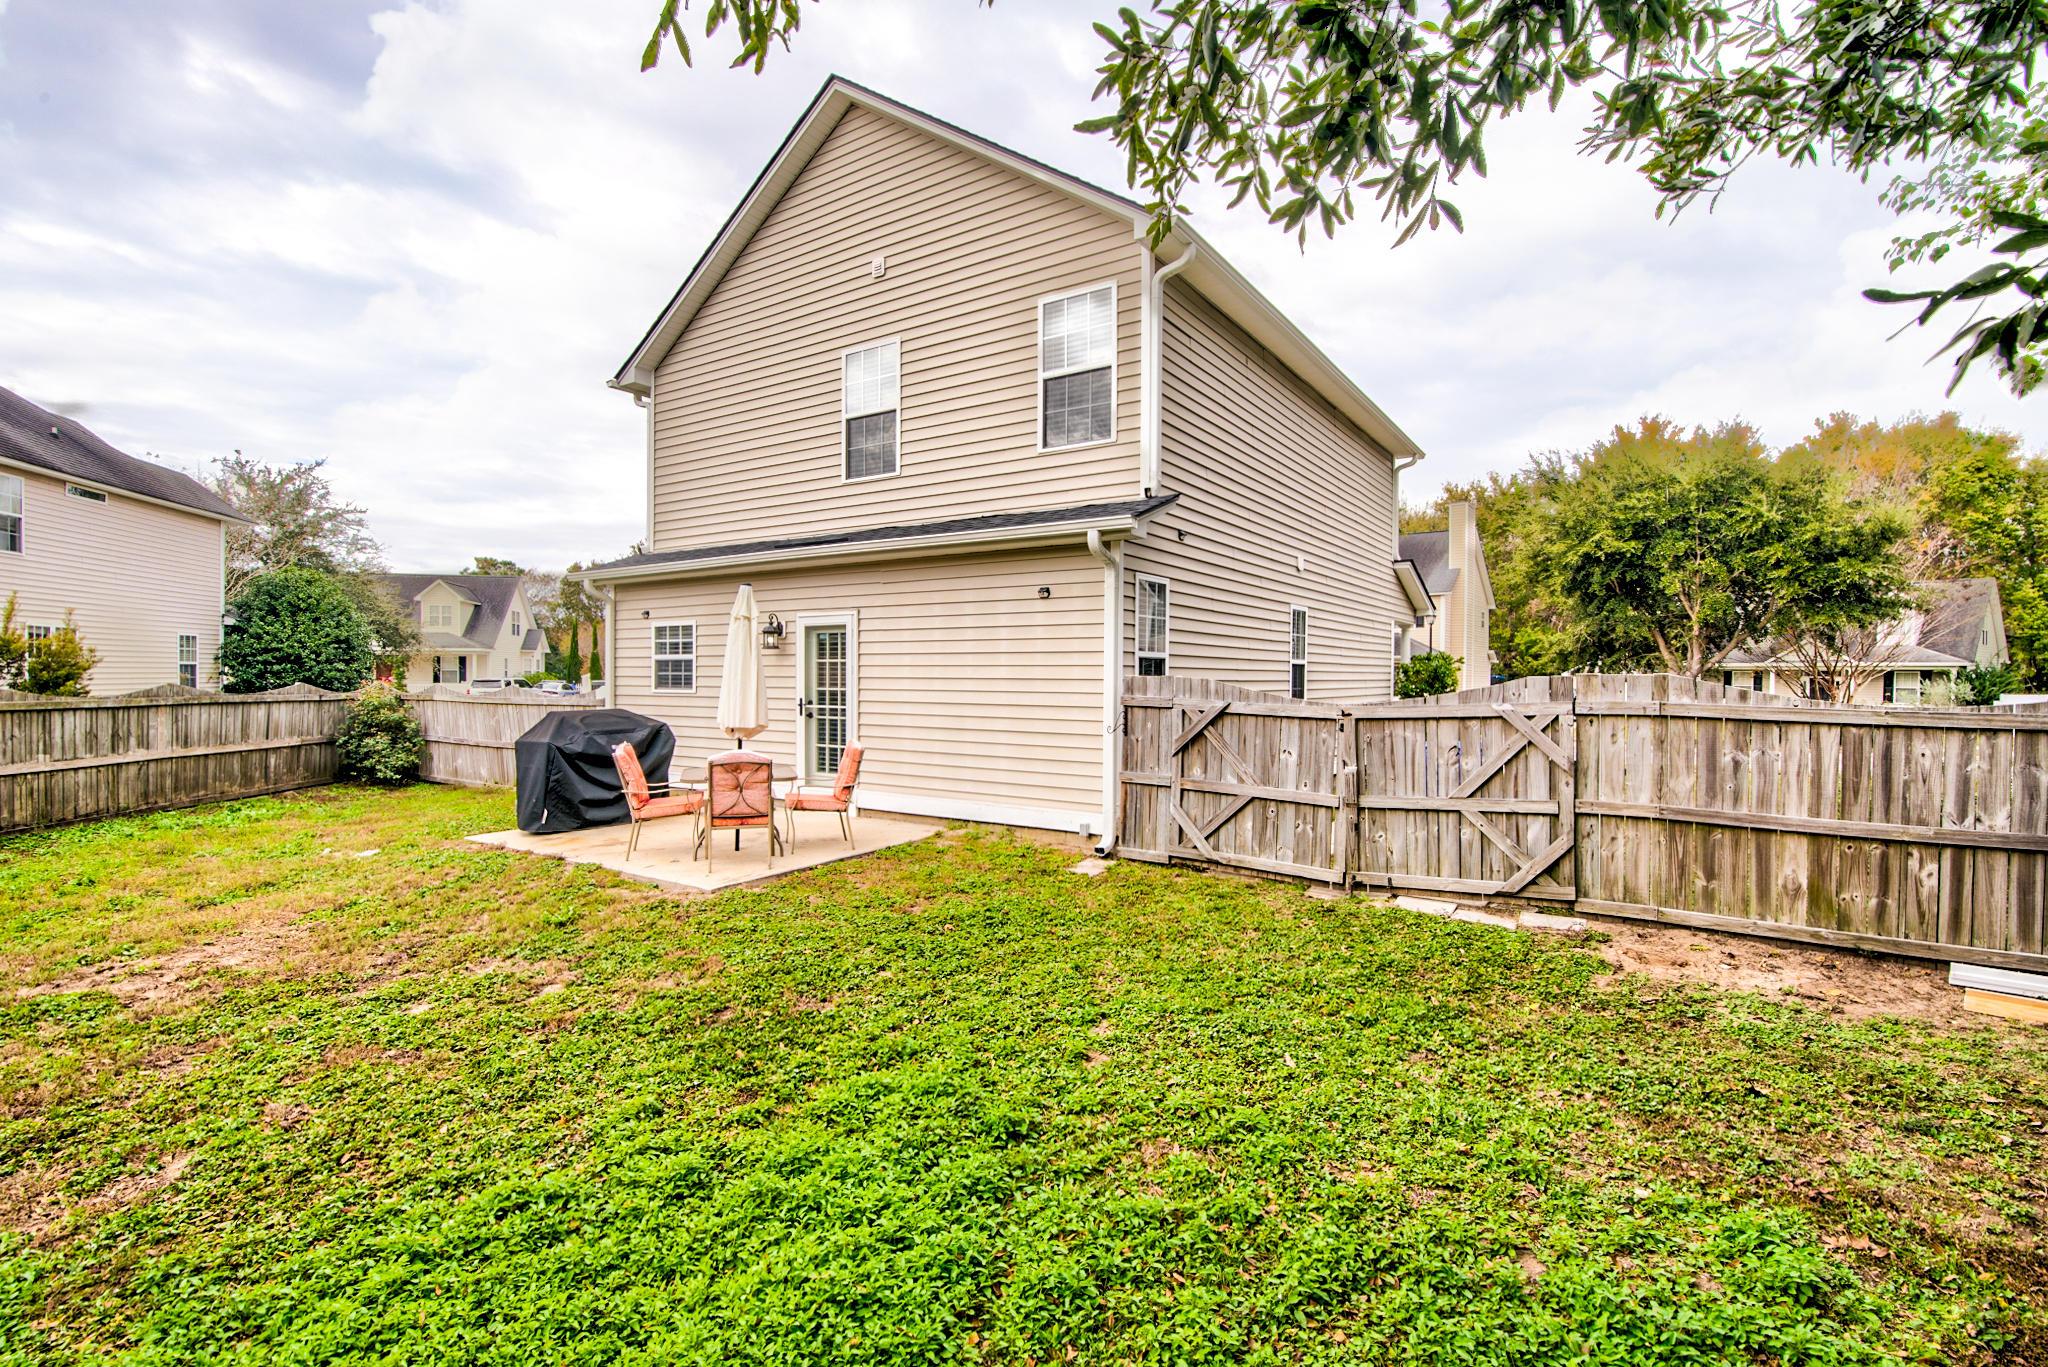 Jamestowne Village Homes For Sale - 1480 Swamp Fox, Charleston, SC - 29